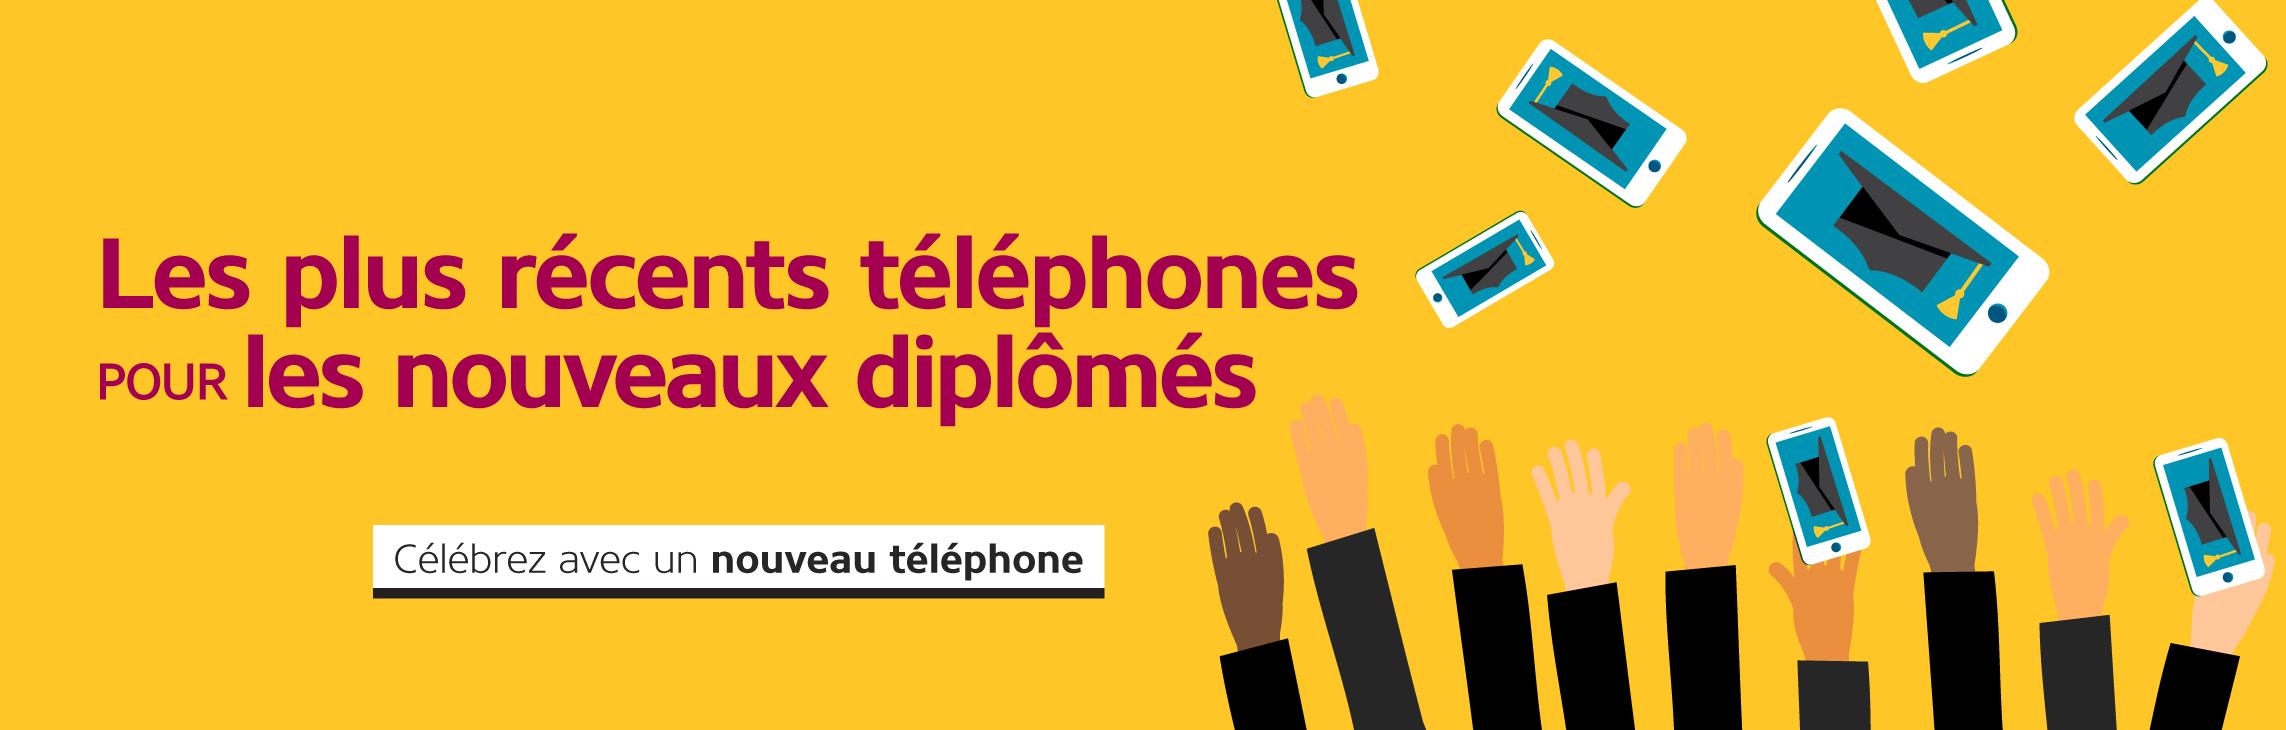 Les plus récents téléphones pour les nouveaux diplômés